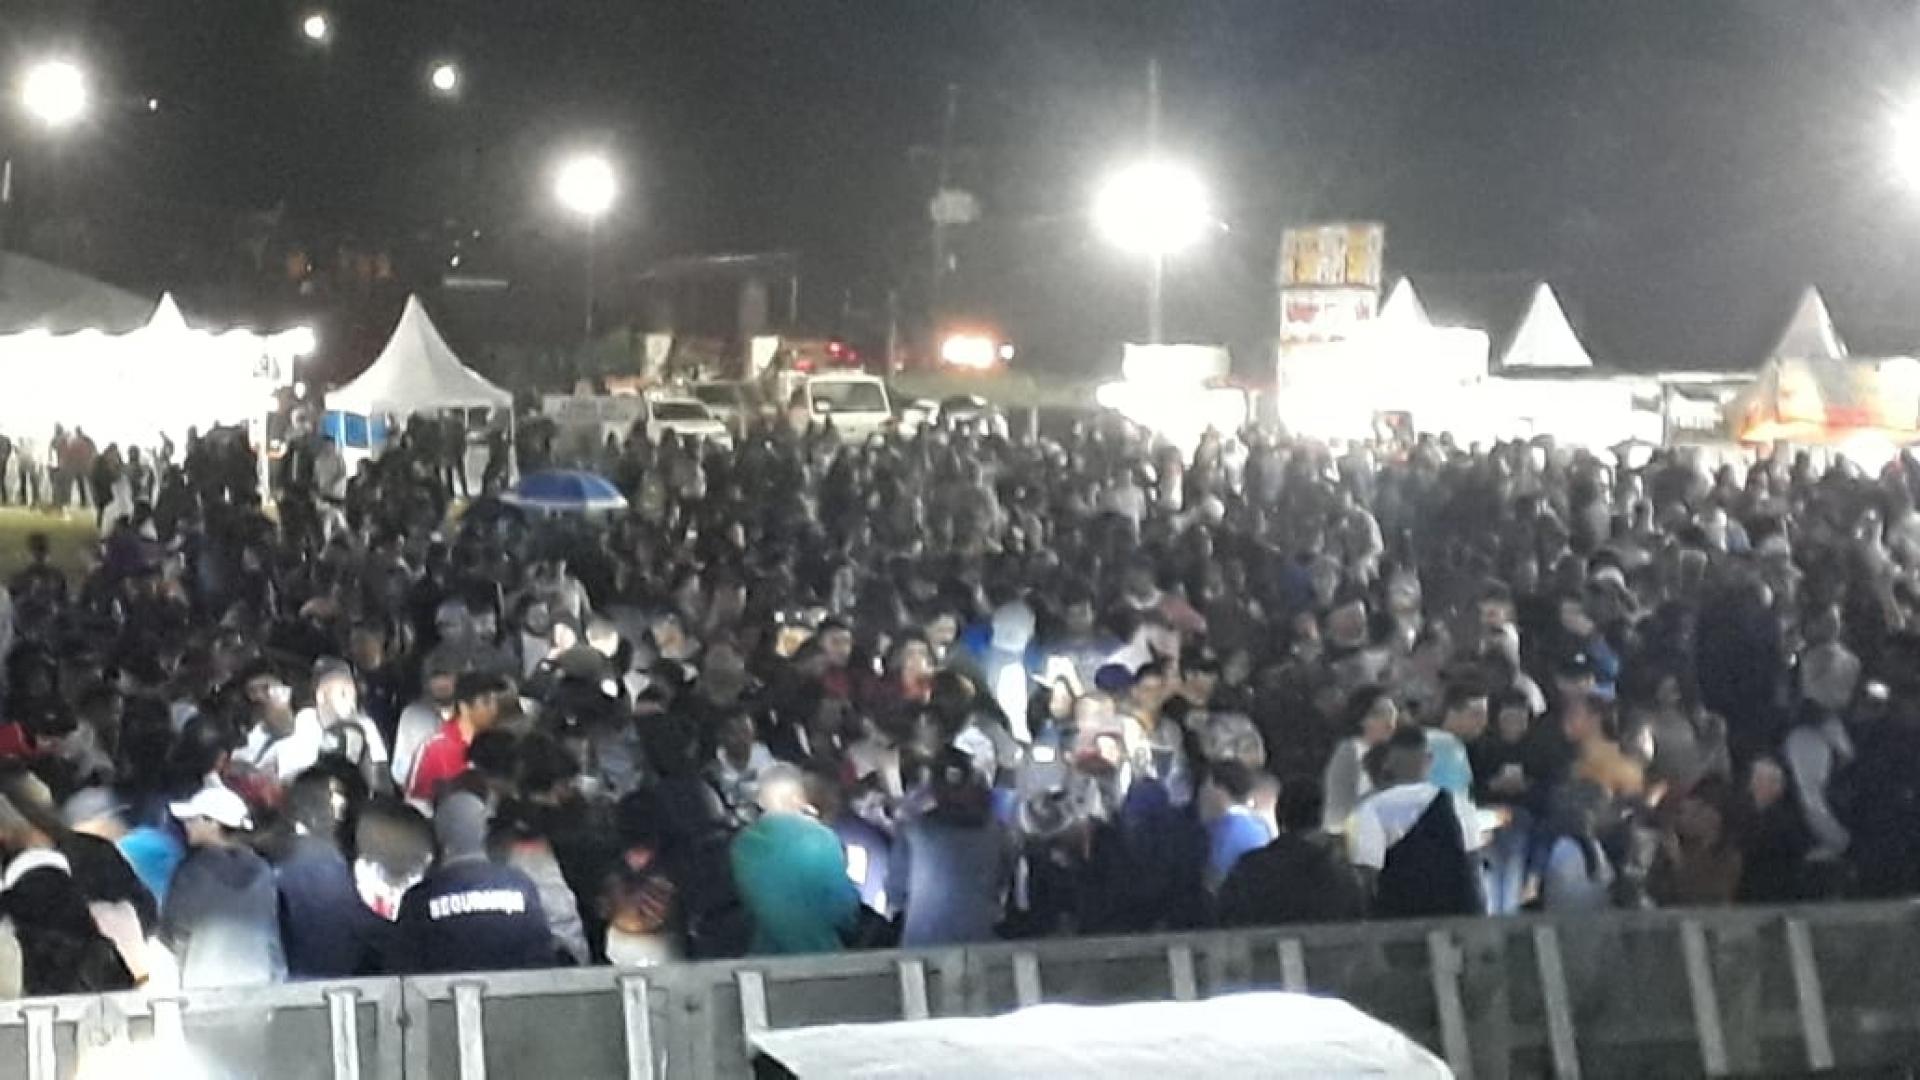 Apesar do mau tempo, o público não deixou de marcar presença no evento - reprodução internet